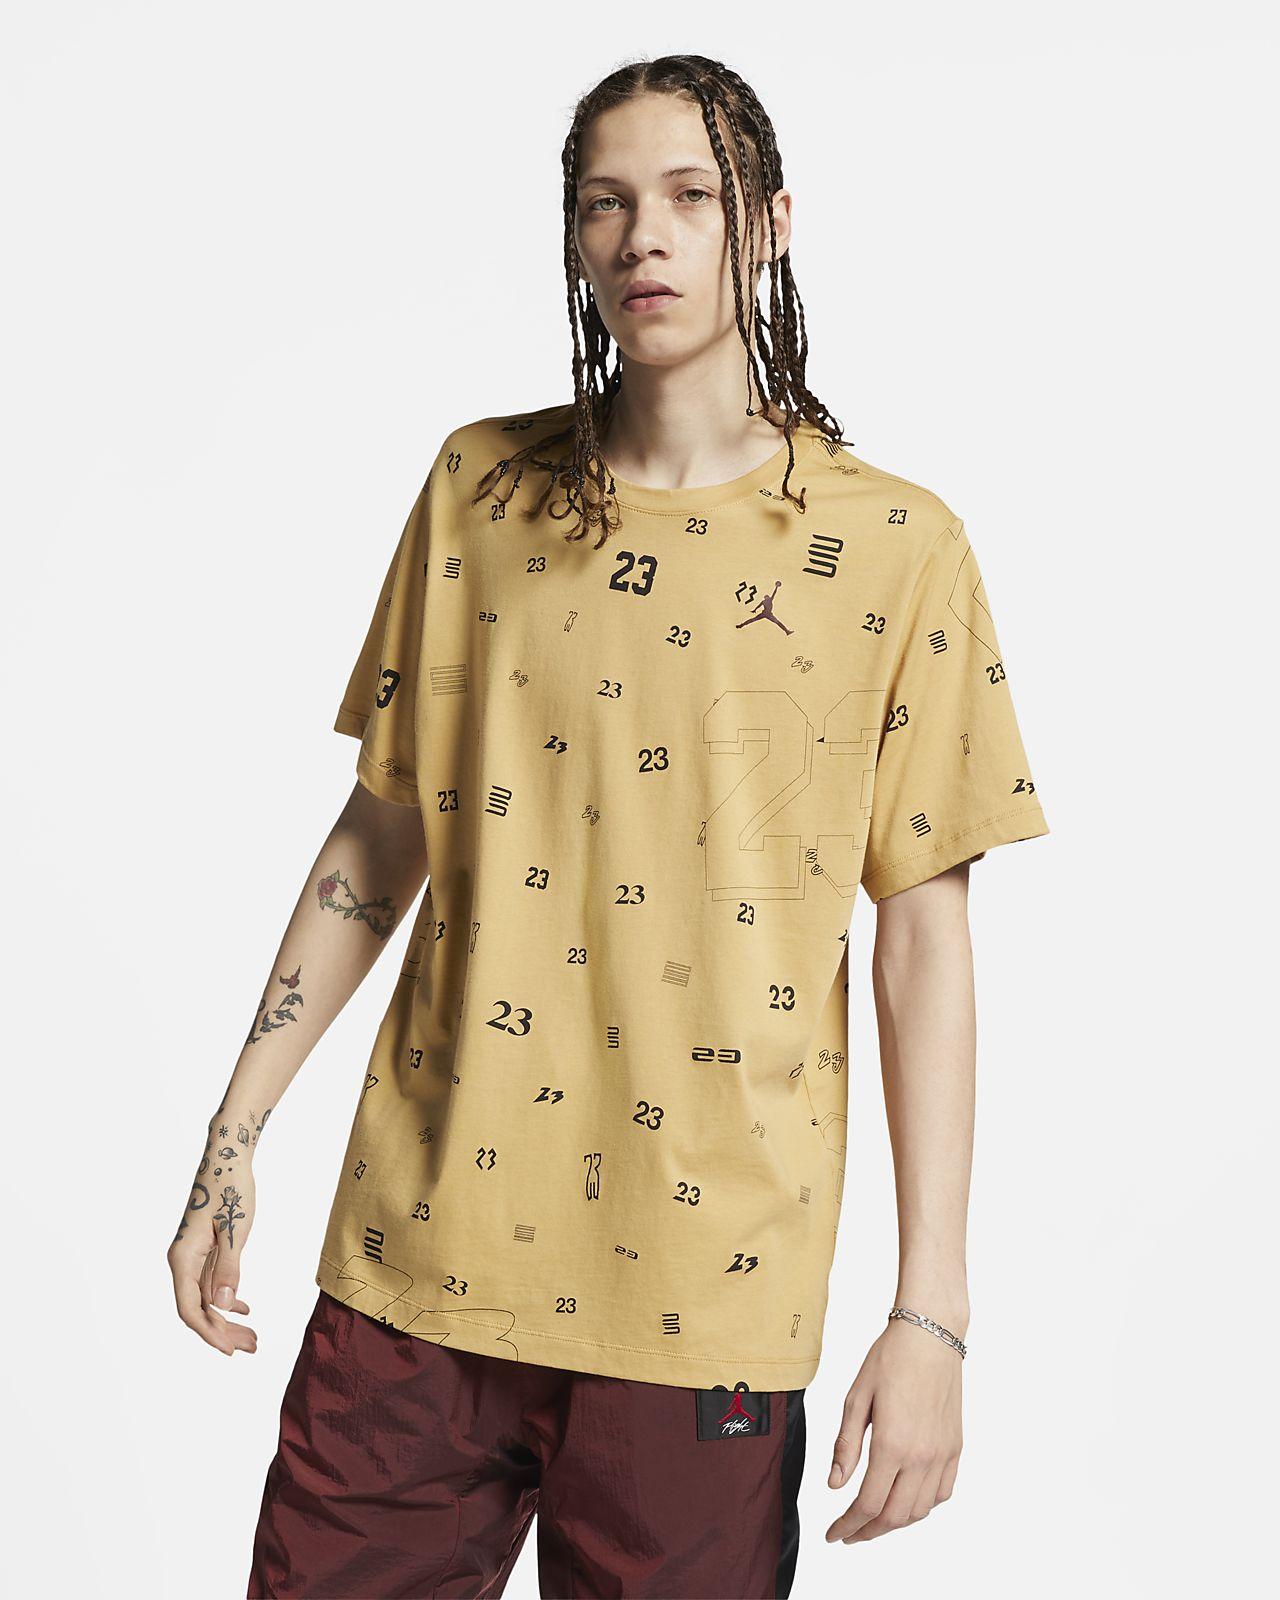 Jordan 23 Men's Printed T-Shirt